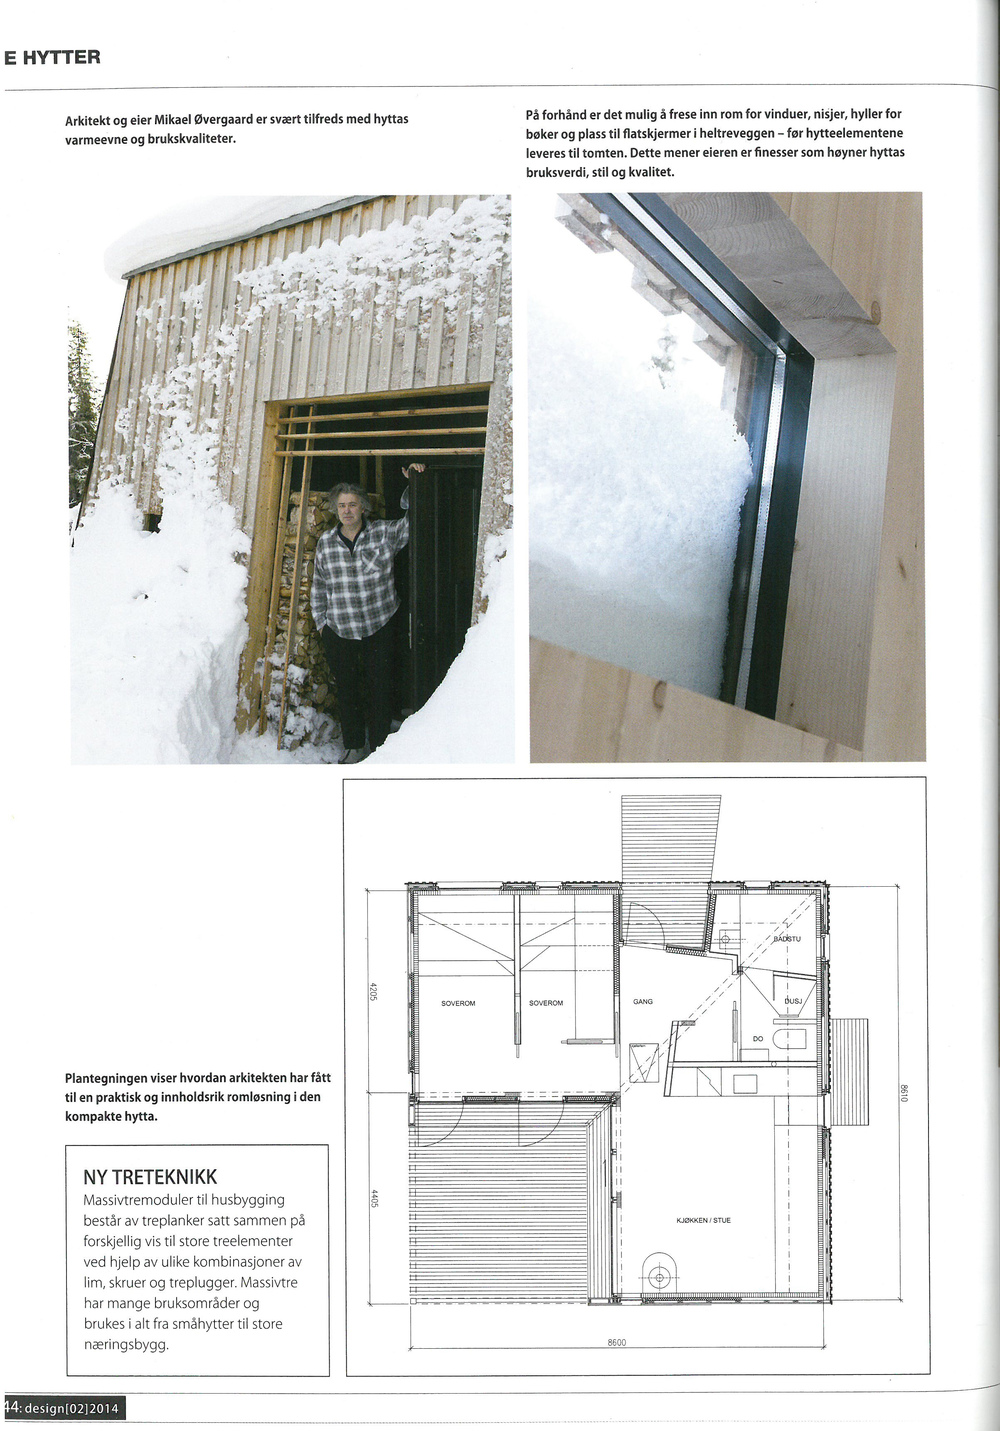 Design interiør_05.jpg